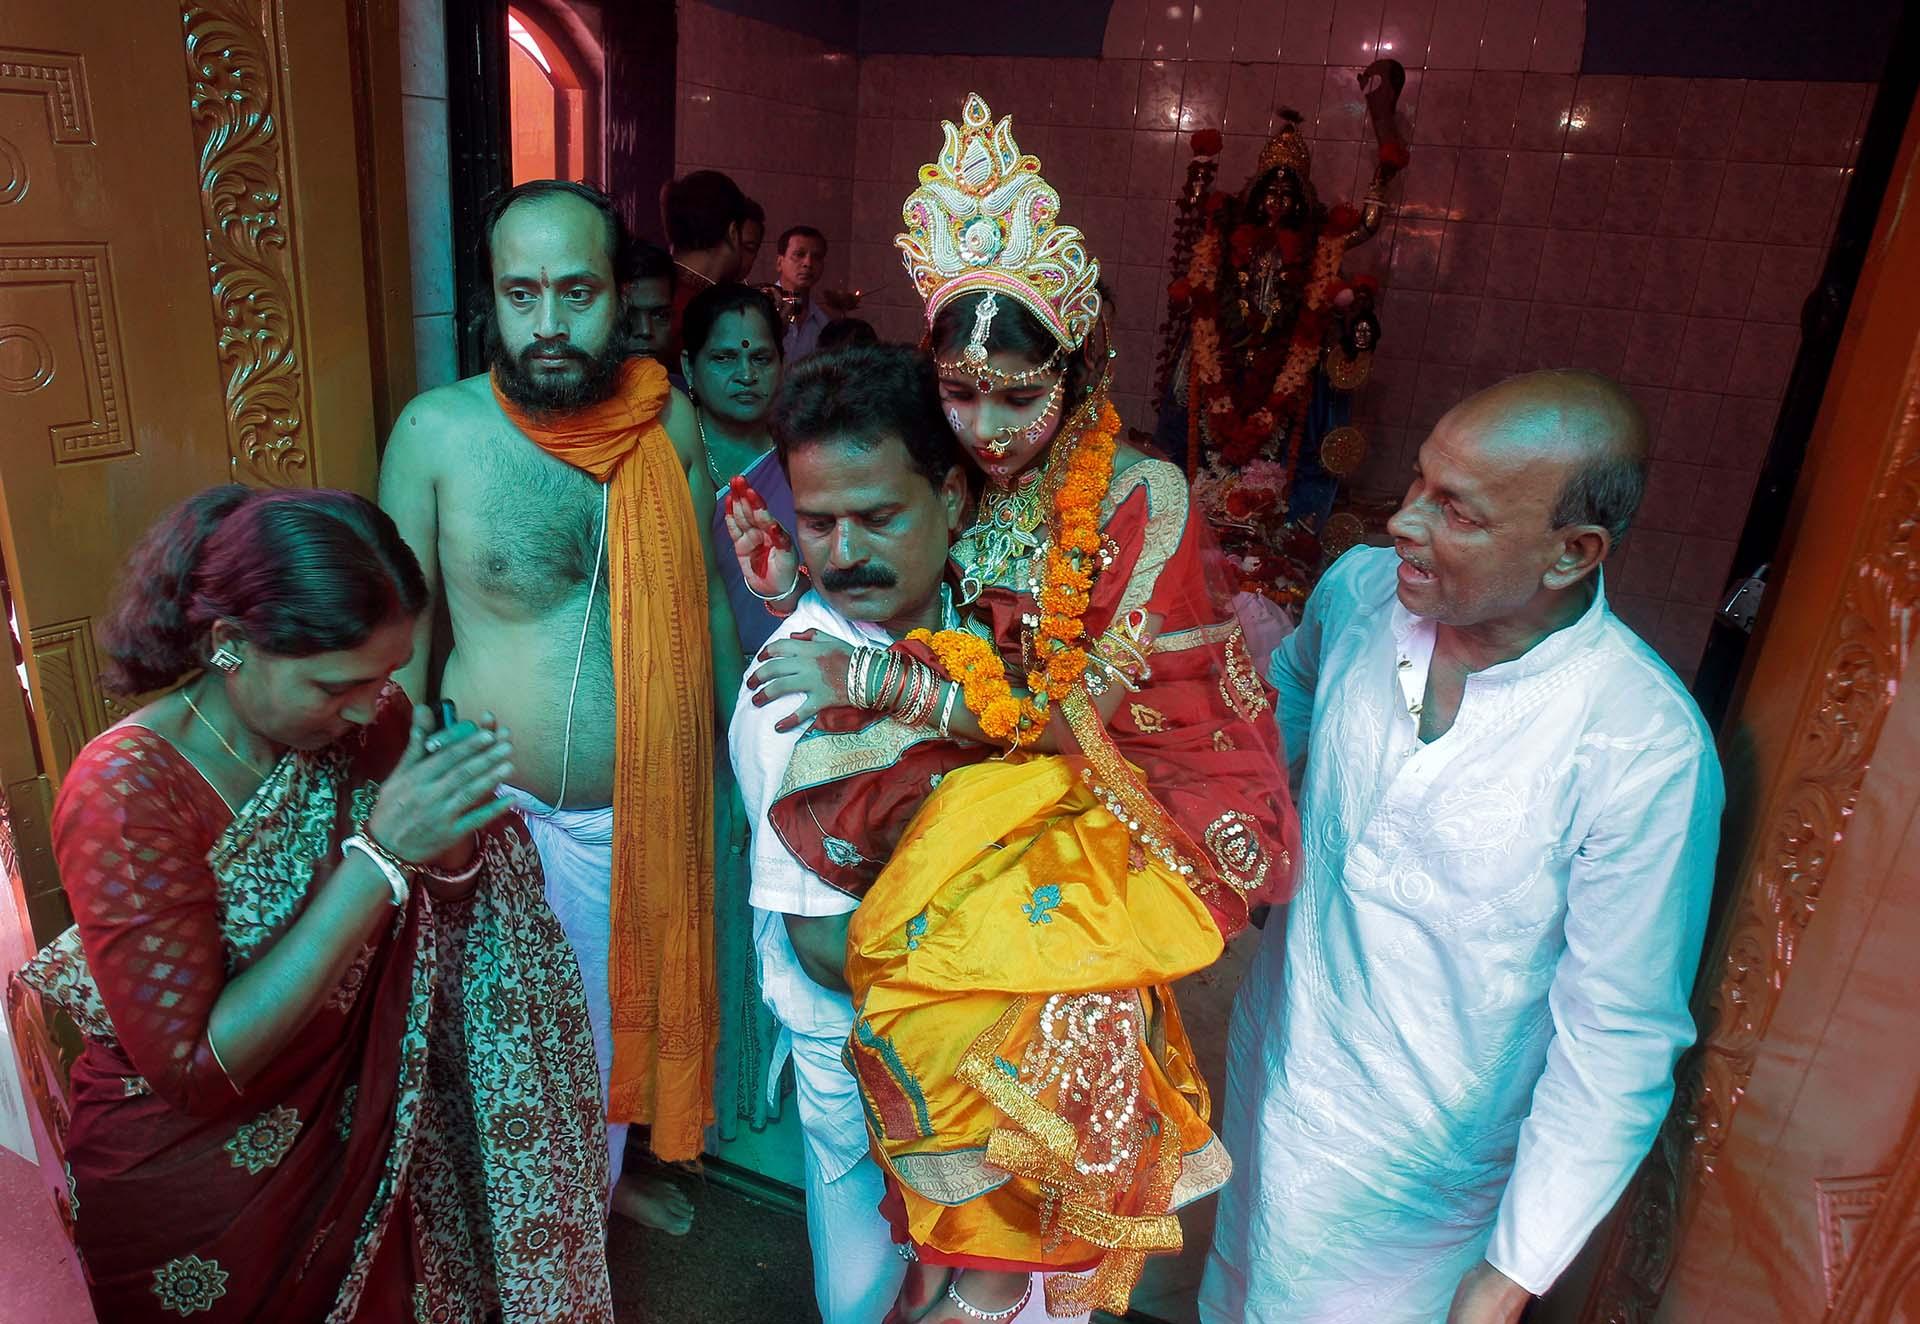 Un devoto hindú lleva a Susmita Bhattacharjee, una niña de nueve años vestida como Kumari, que es adorada durante el festival Kali Puja en Agartala